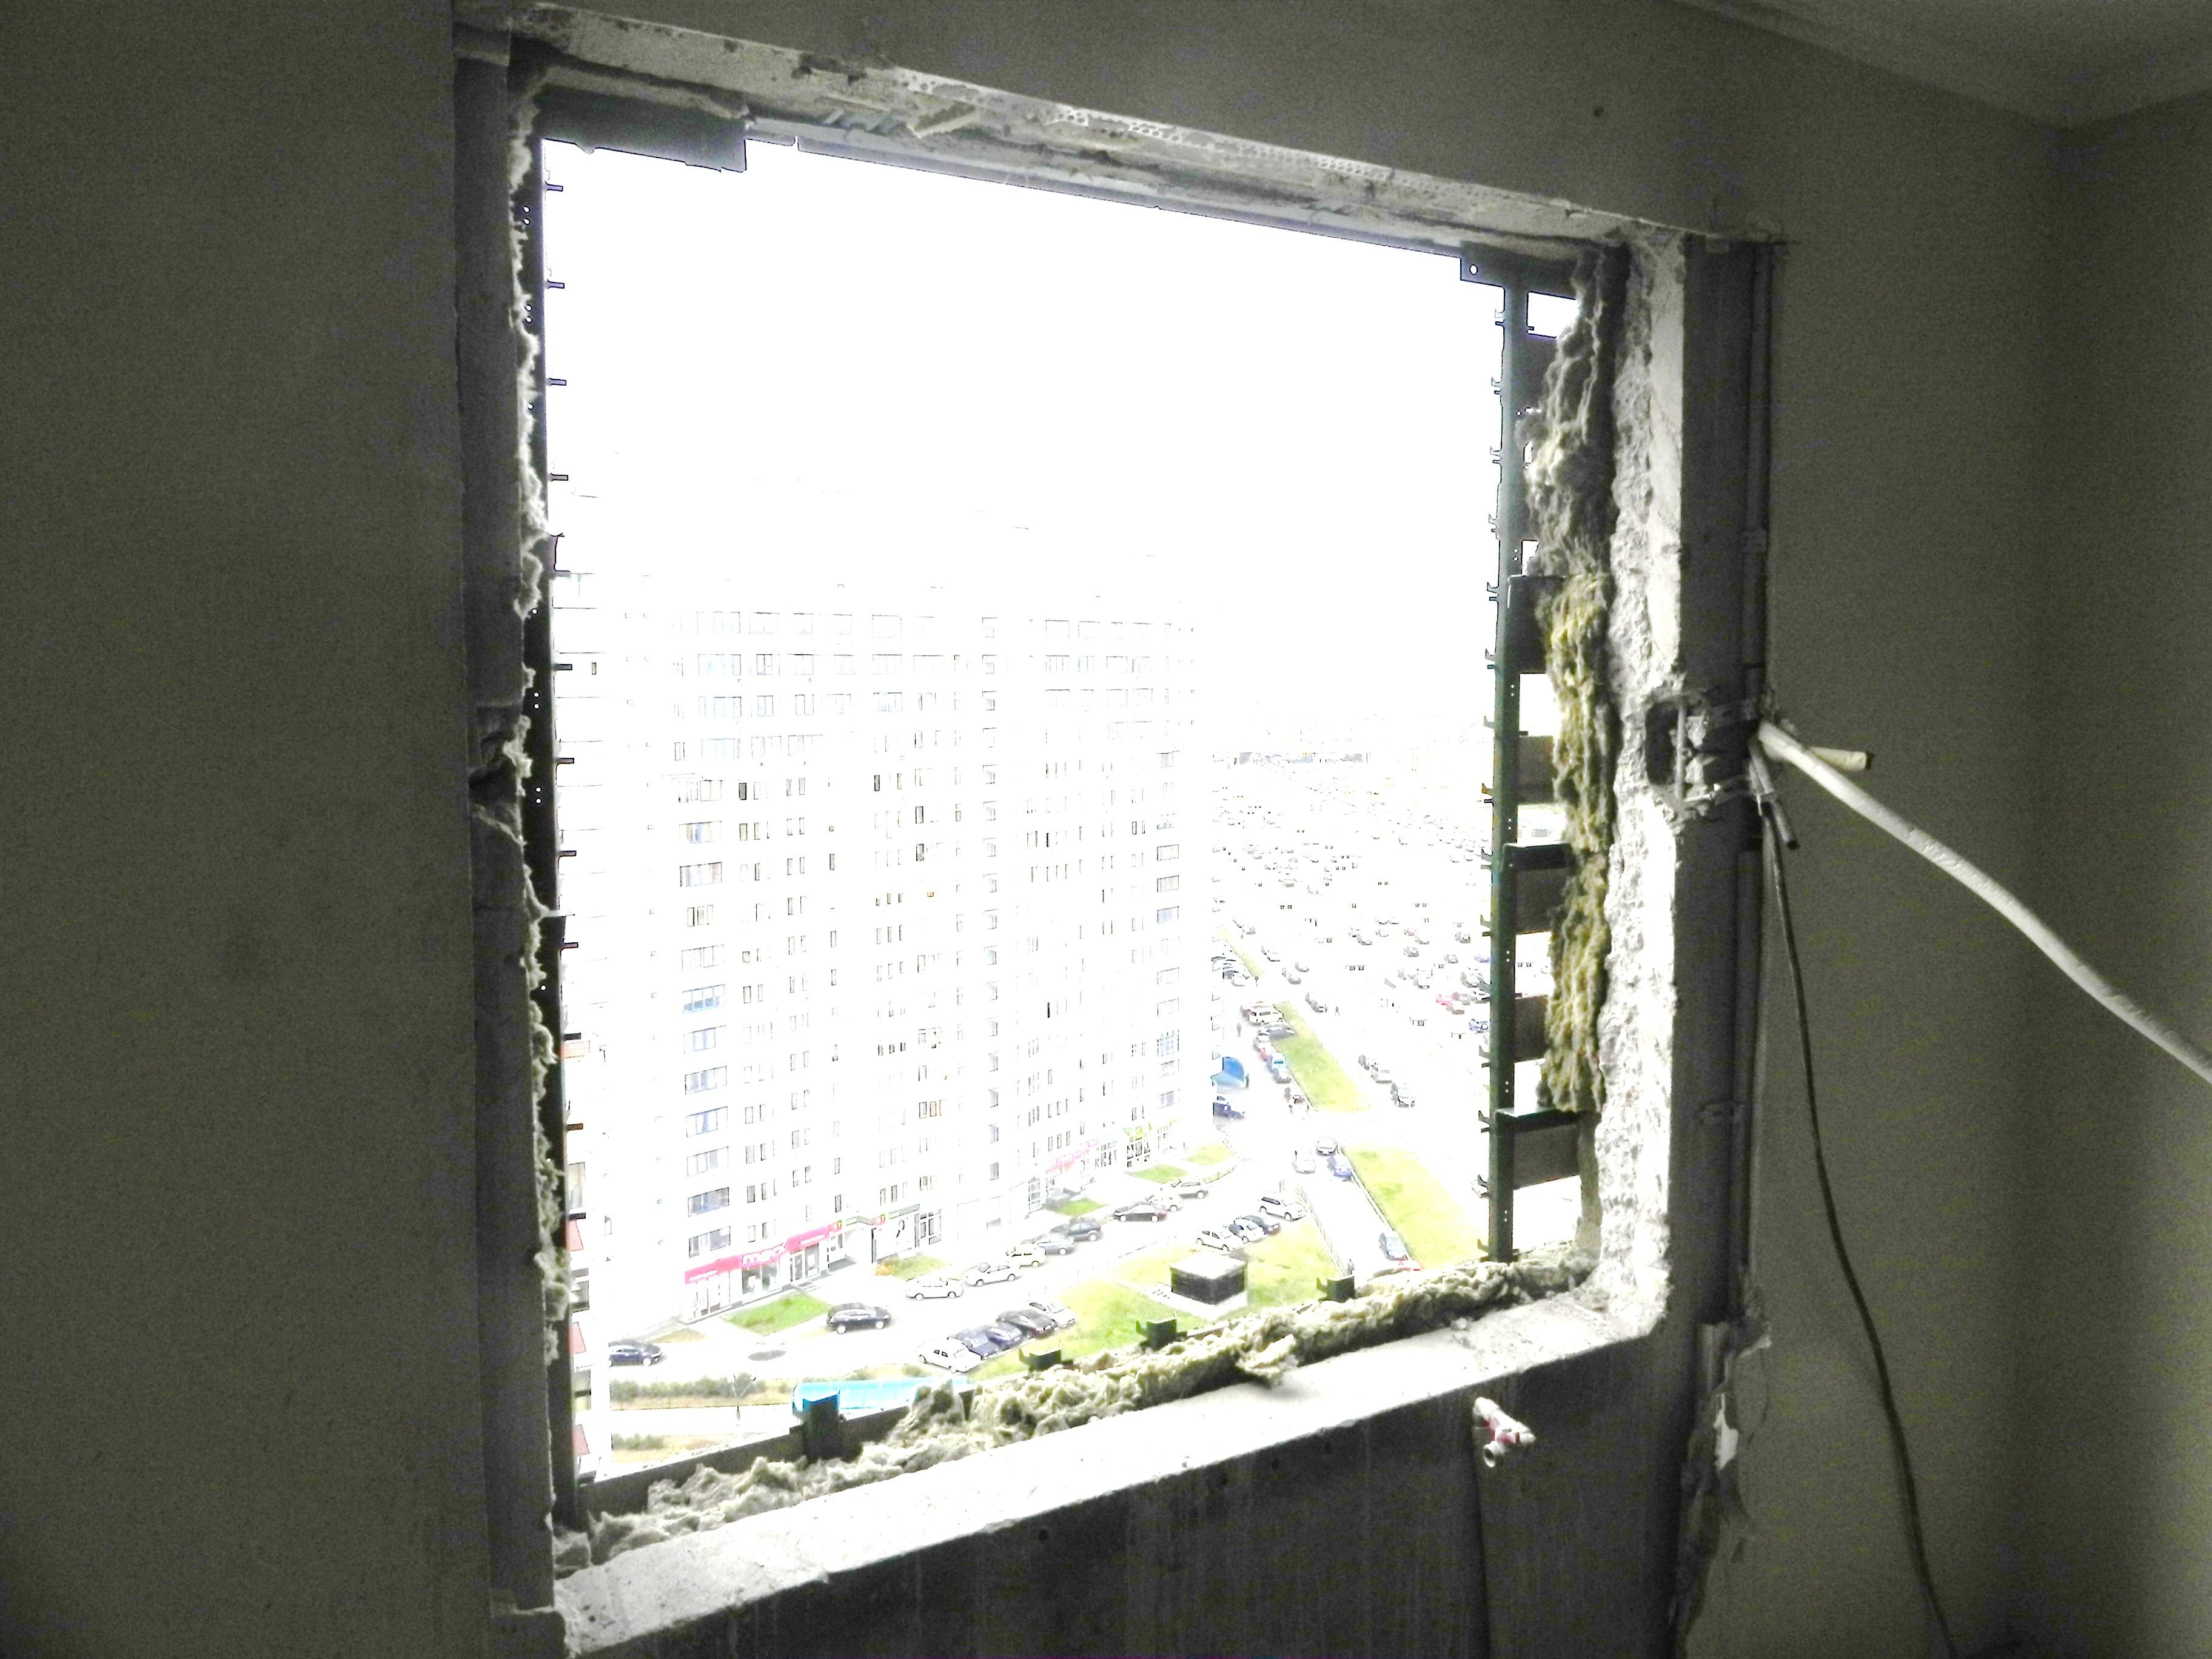 алмазорезка бетона, Резка бетона, резка железобетона, демонтаж бетона, бурение отверстий в стенах